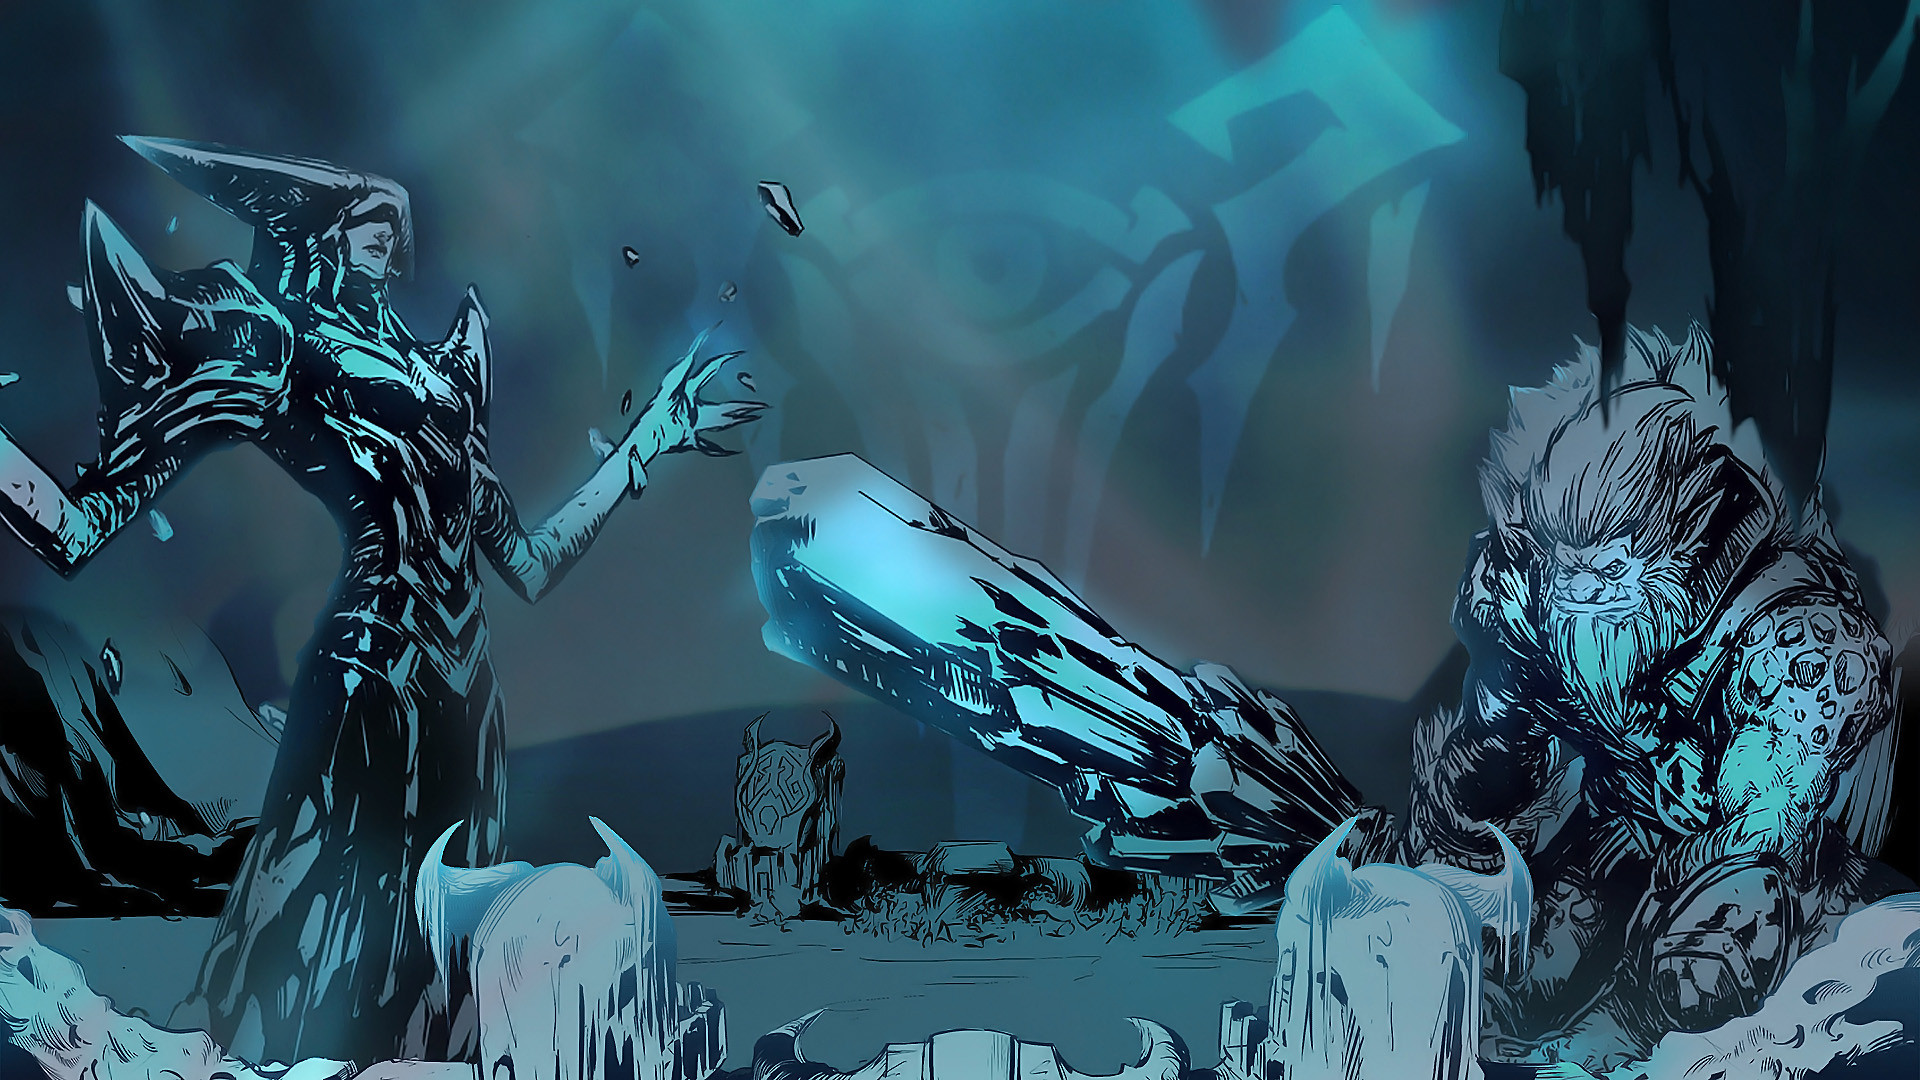 Lissandra & Trundle Fan Art - League of Legends Wallpapers